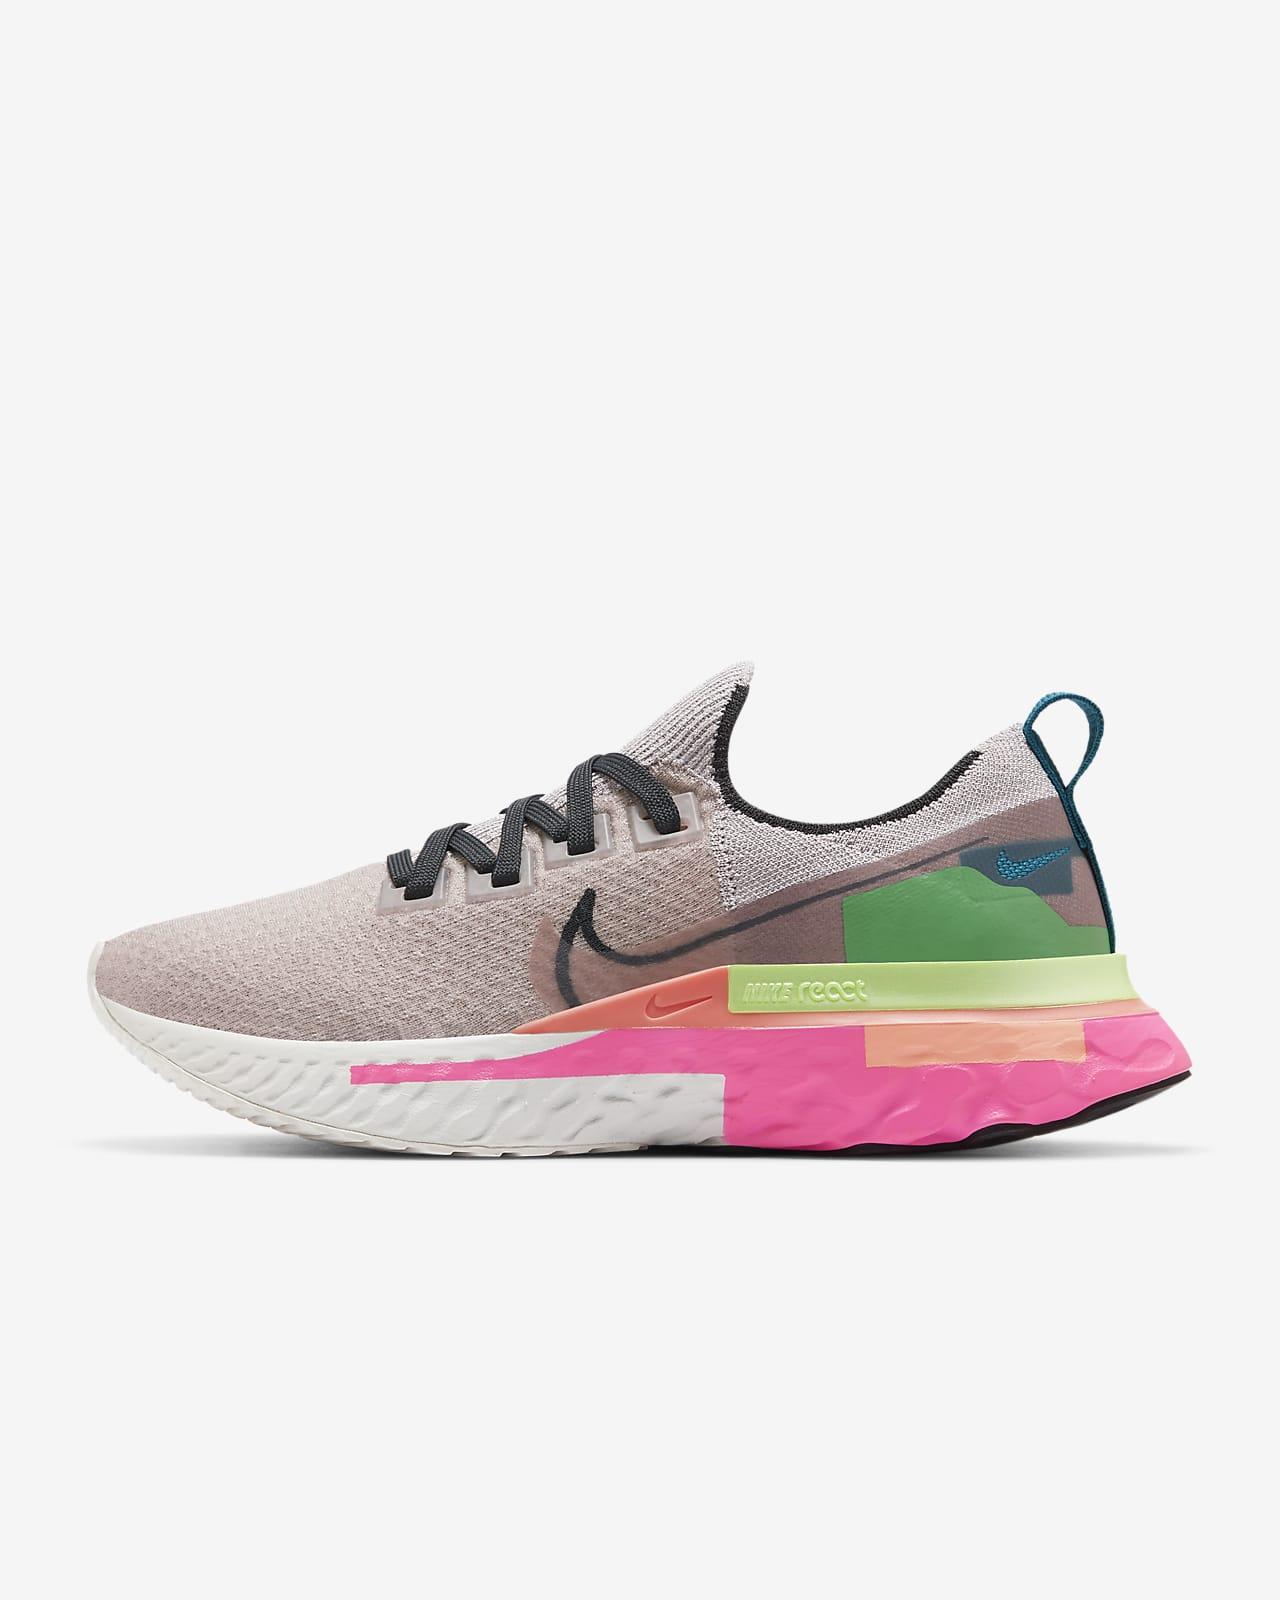 desconcertado sitio mosaico  Calzado de running para mujer Nike React Infinity Run Flyknit Premium. Nike .com